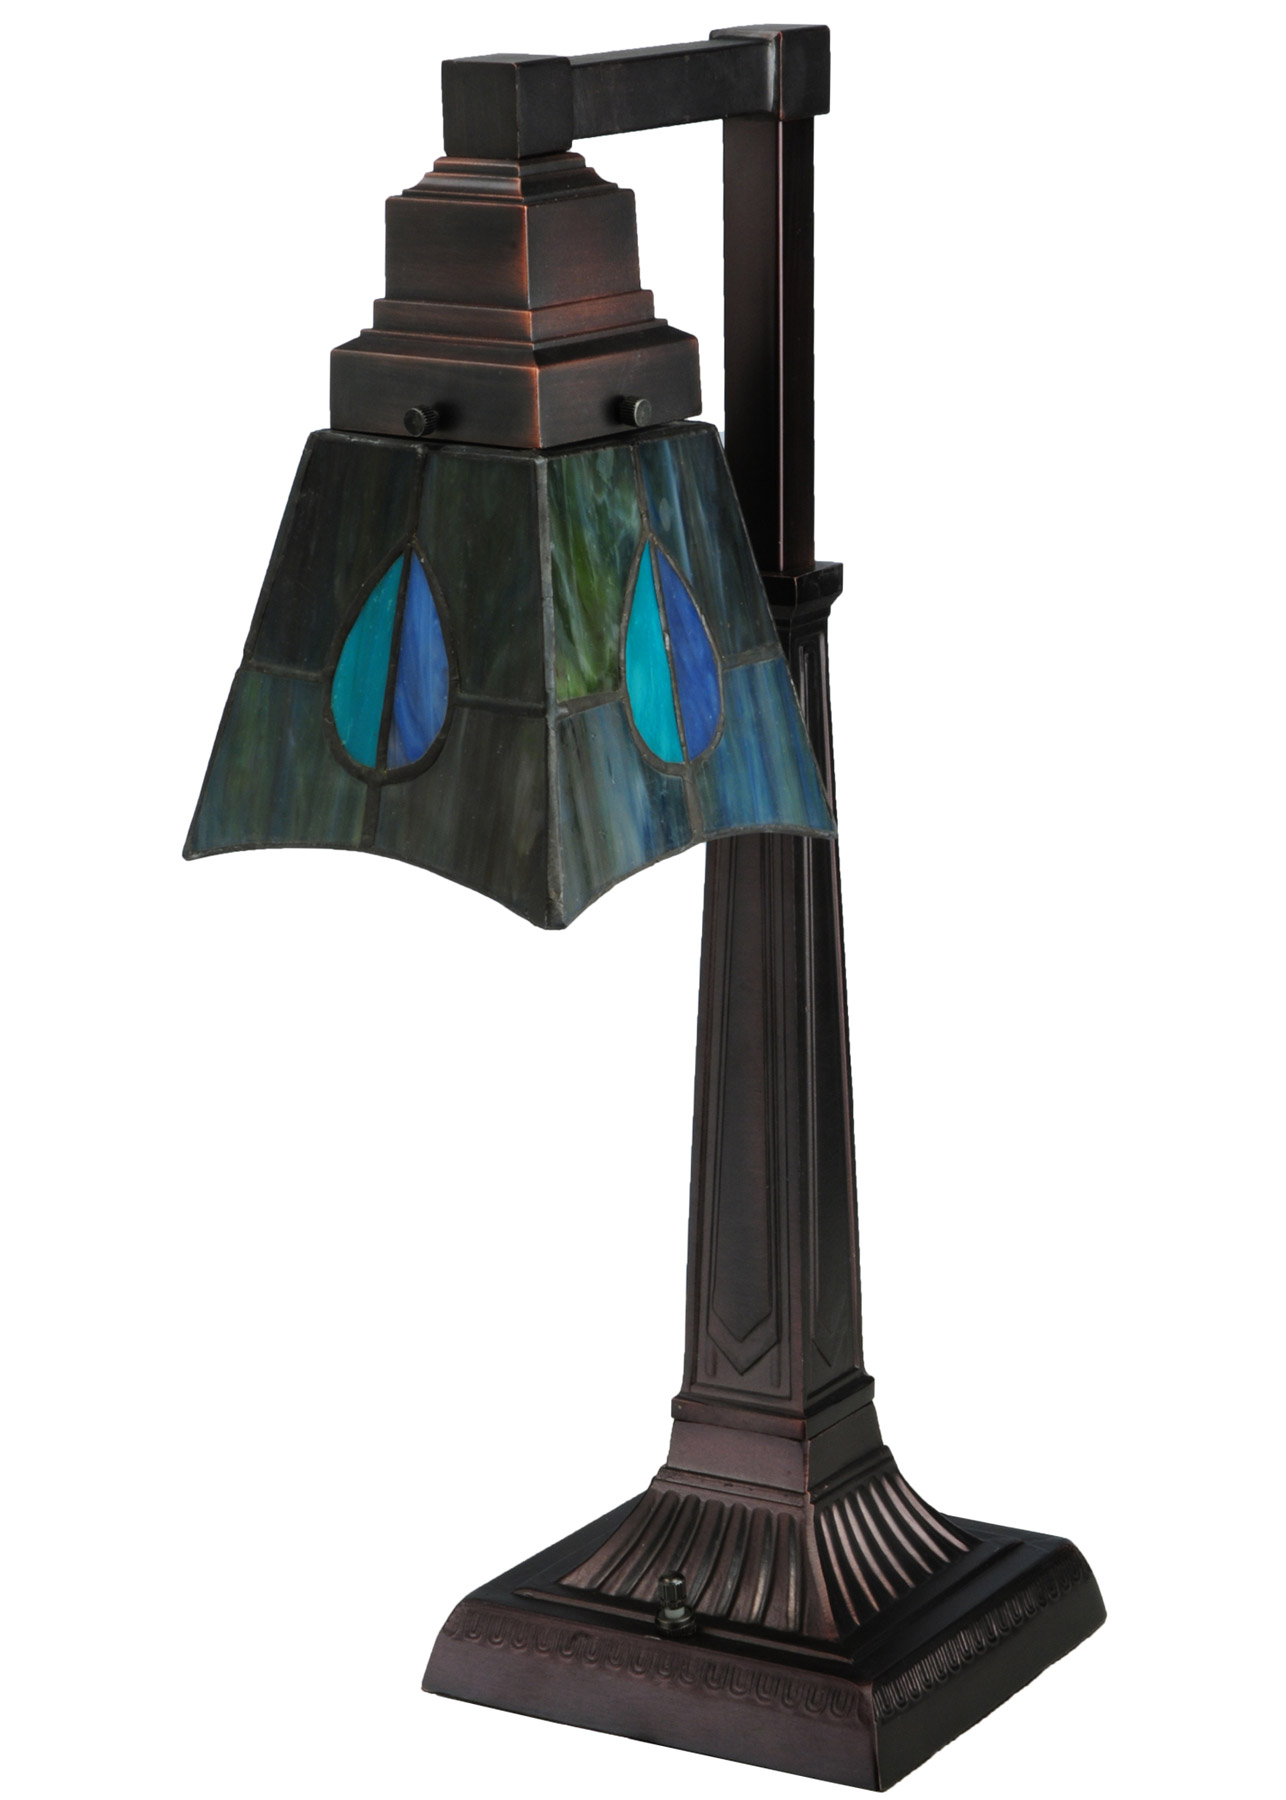 Meyda 27637 Mackintosh Leaf Desk Lamp